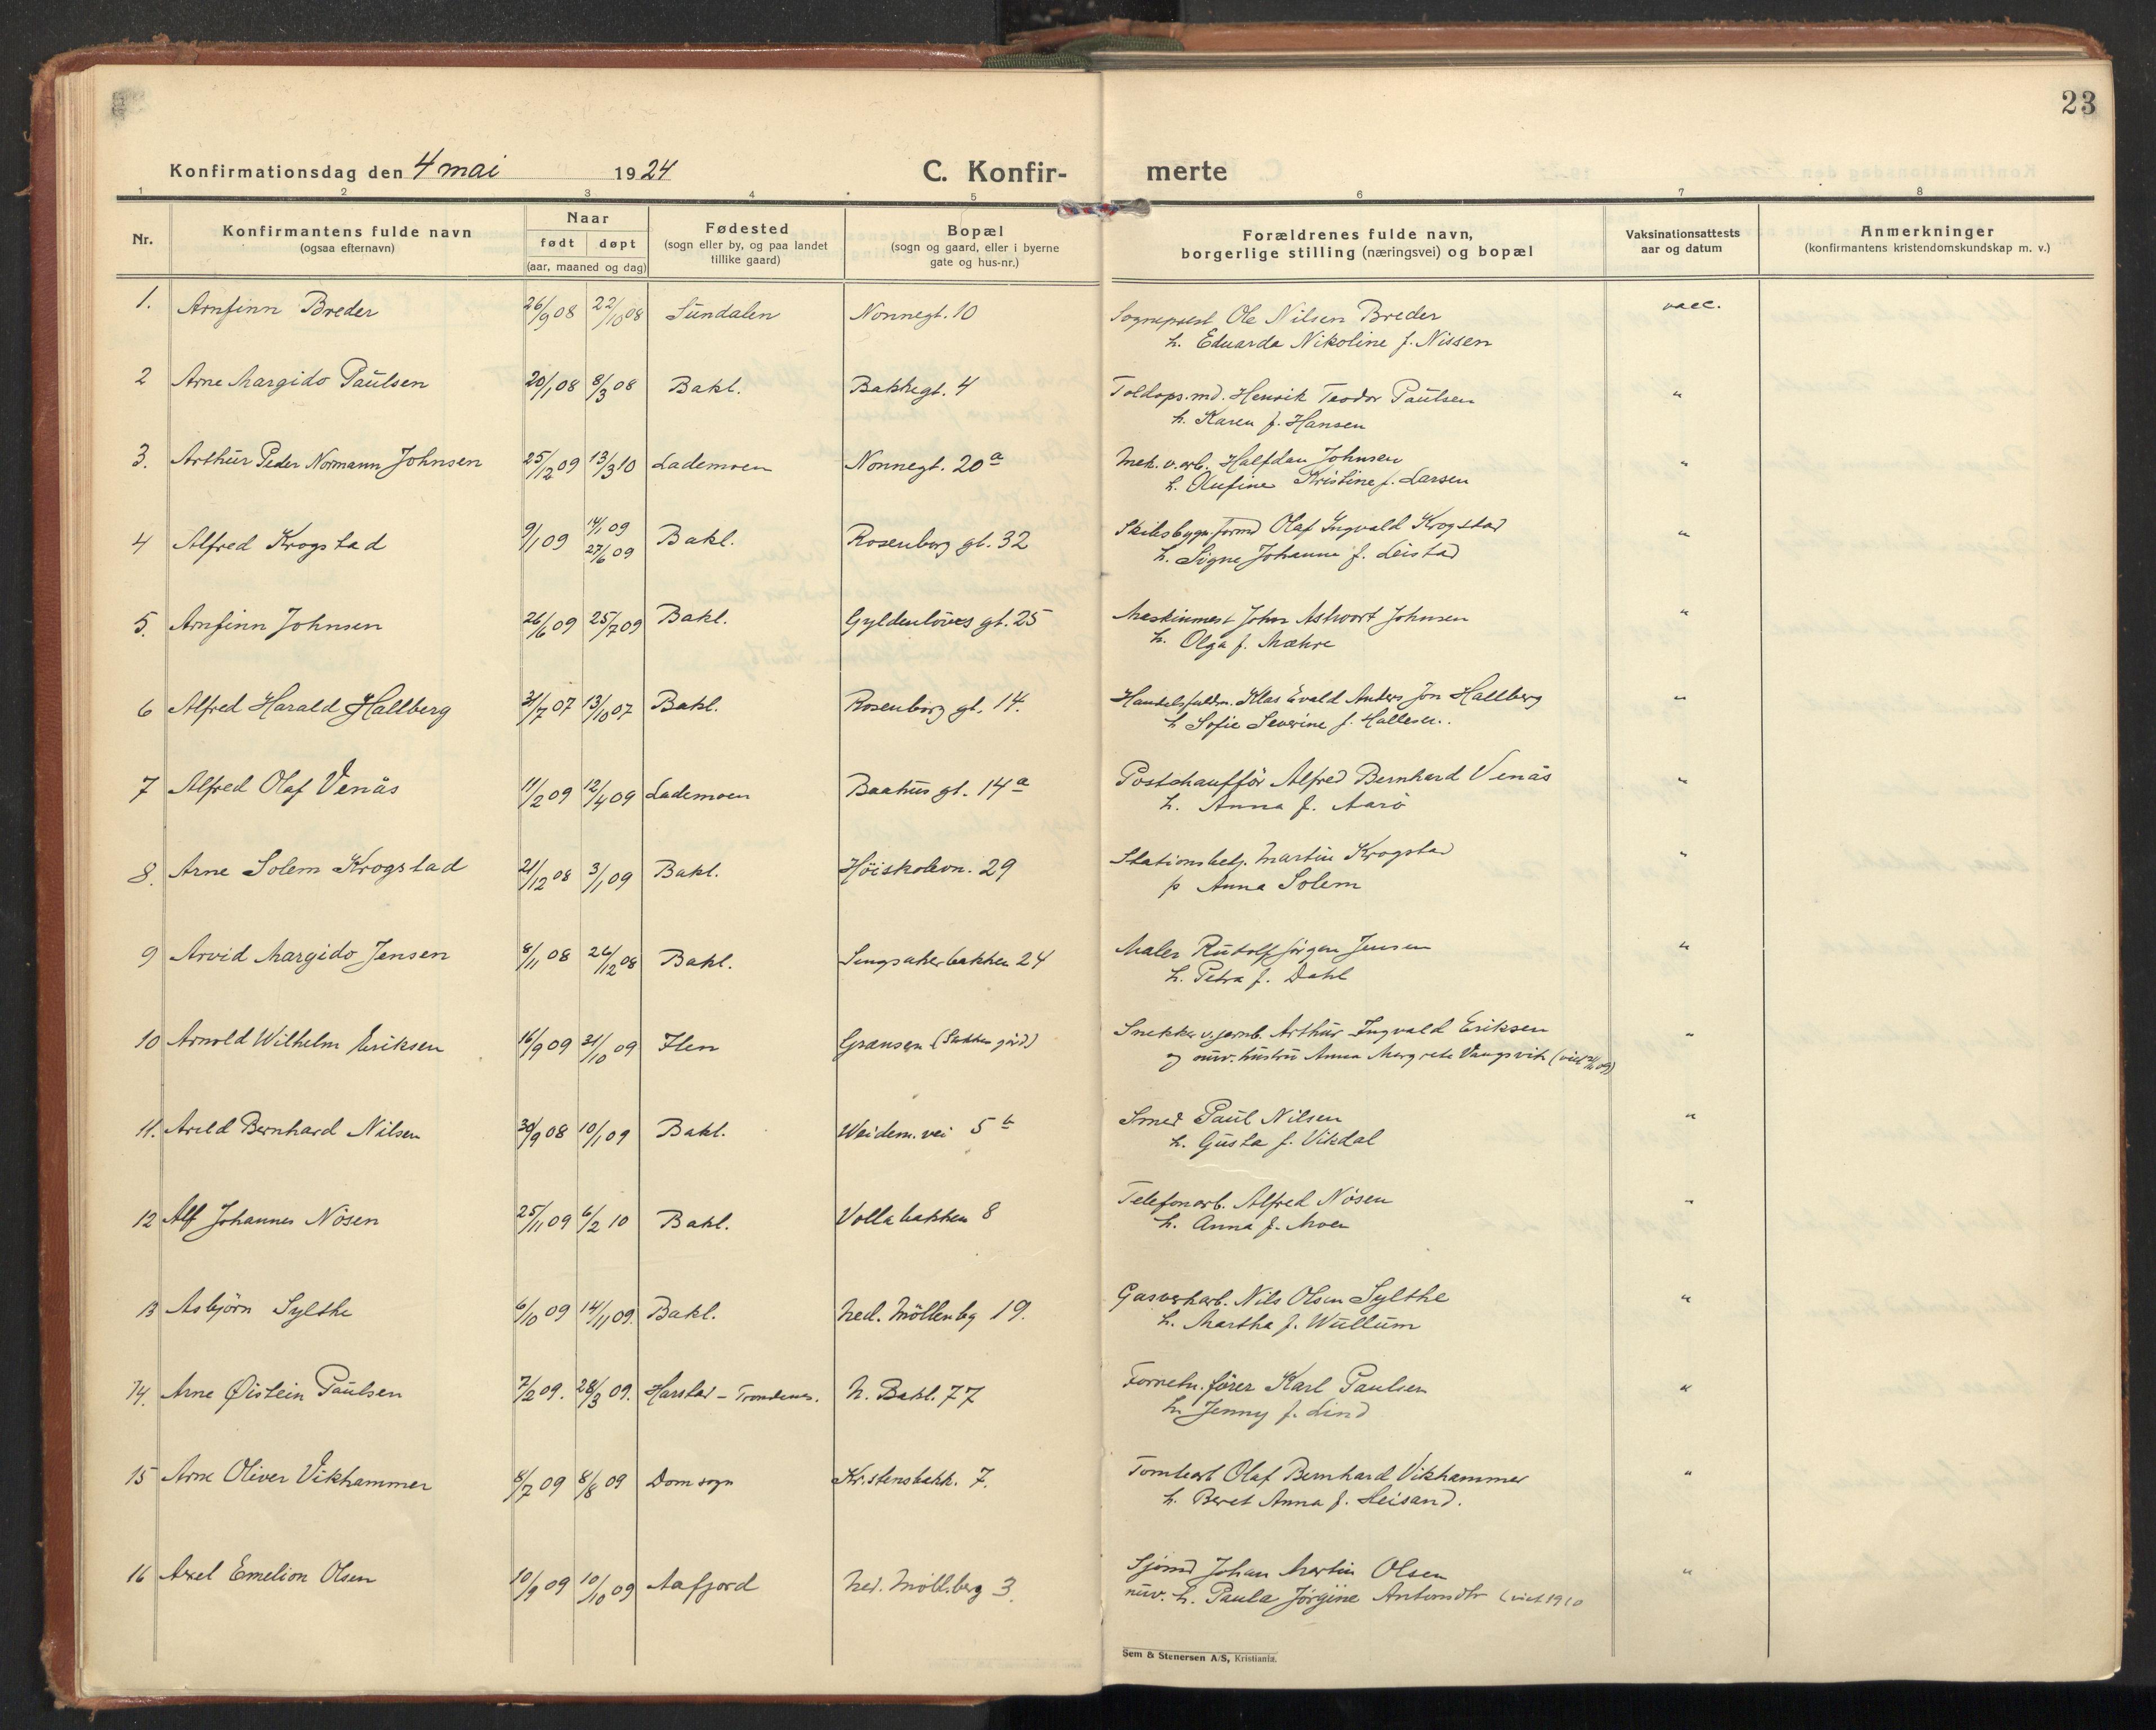 SAT, Ministerialprotokoller, klokkerbøker og fødselsregistre - Sør-Trøndelag, 604/L0208: Ministerialbok nr. 604A28, 1923-1937, s. 23